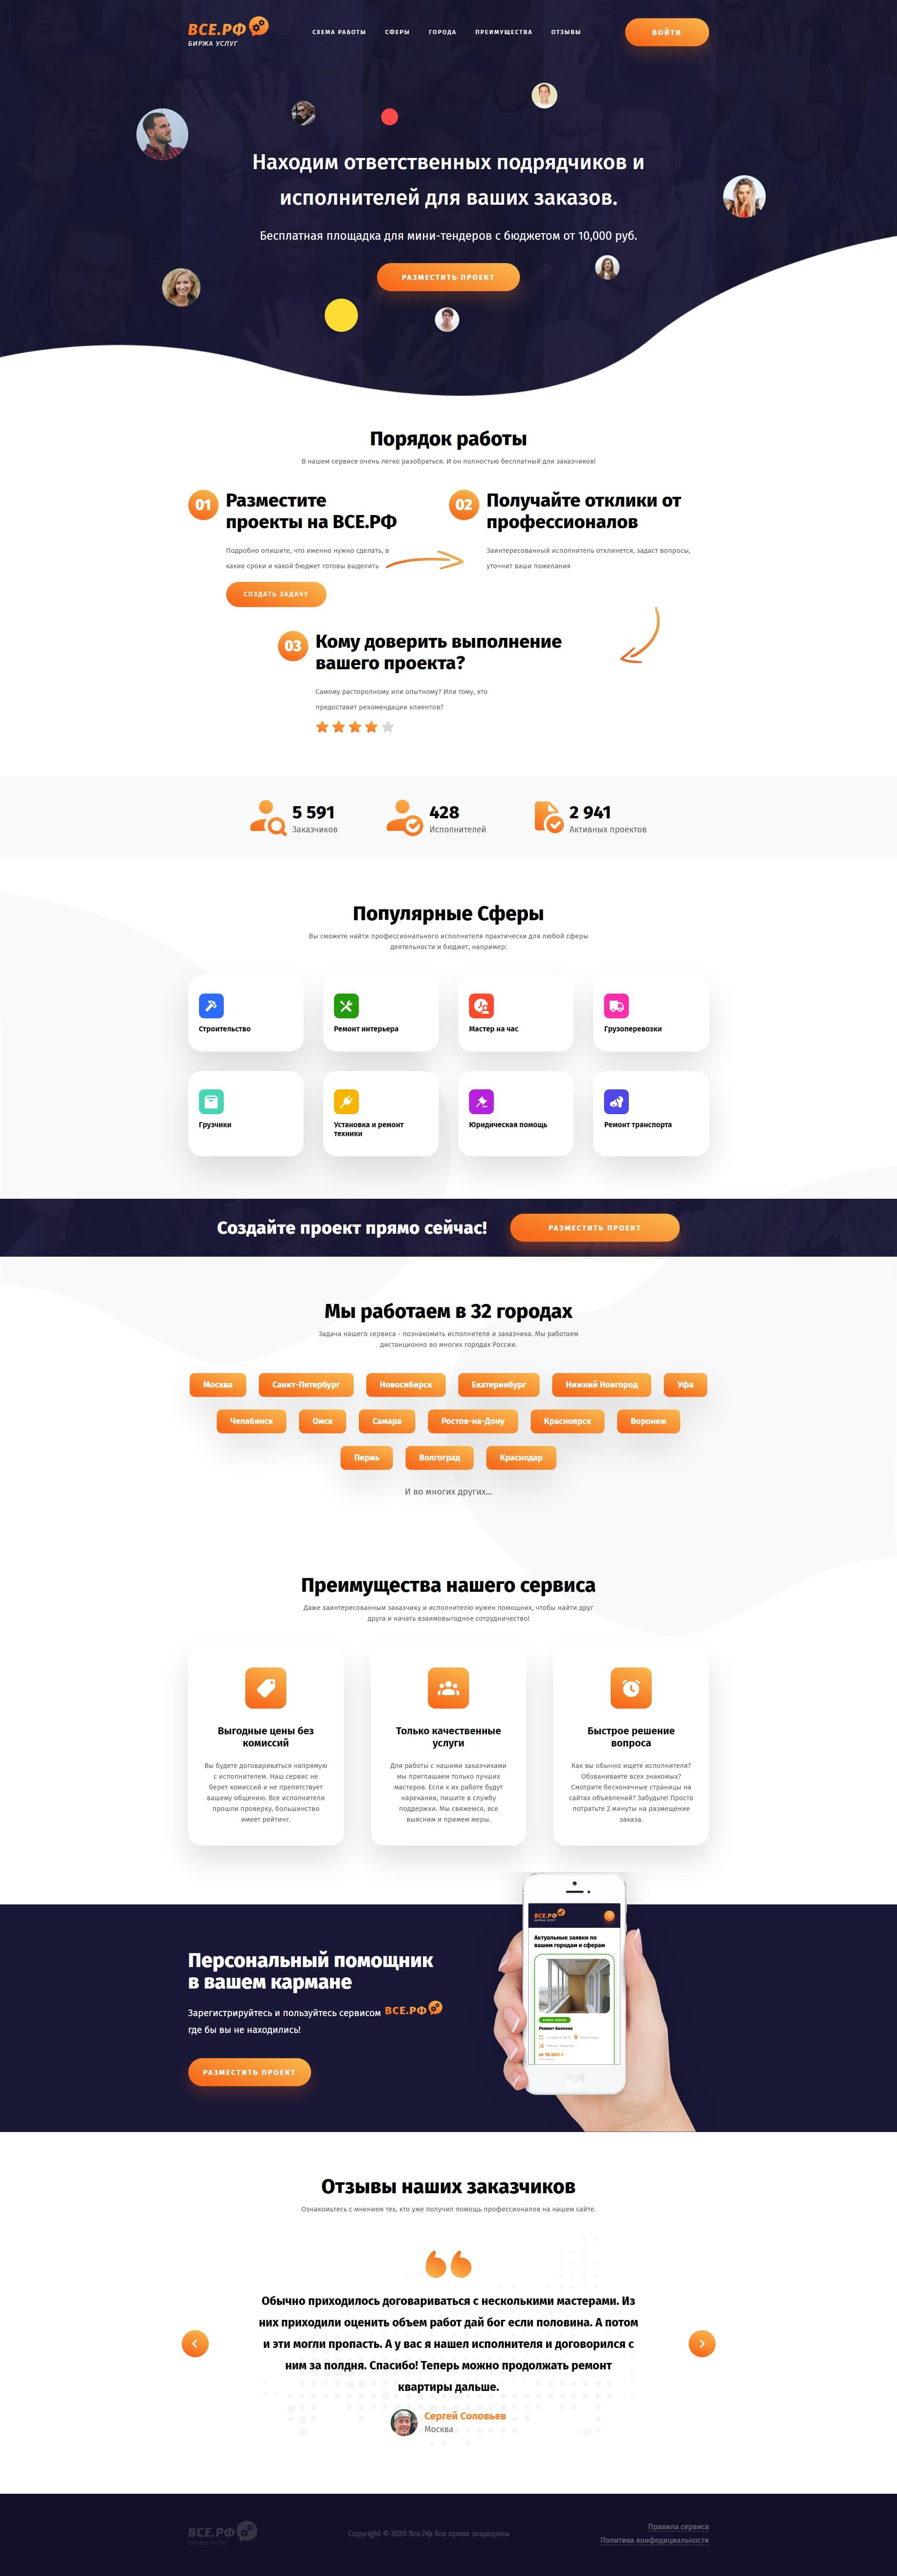 Онлайн-сервис Все.рф